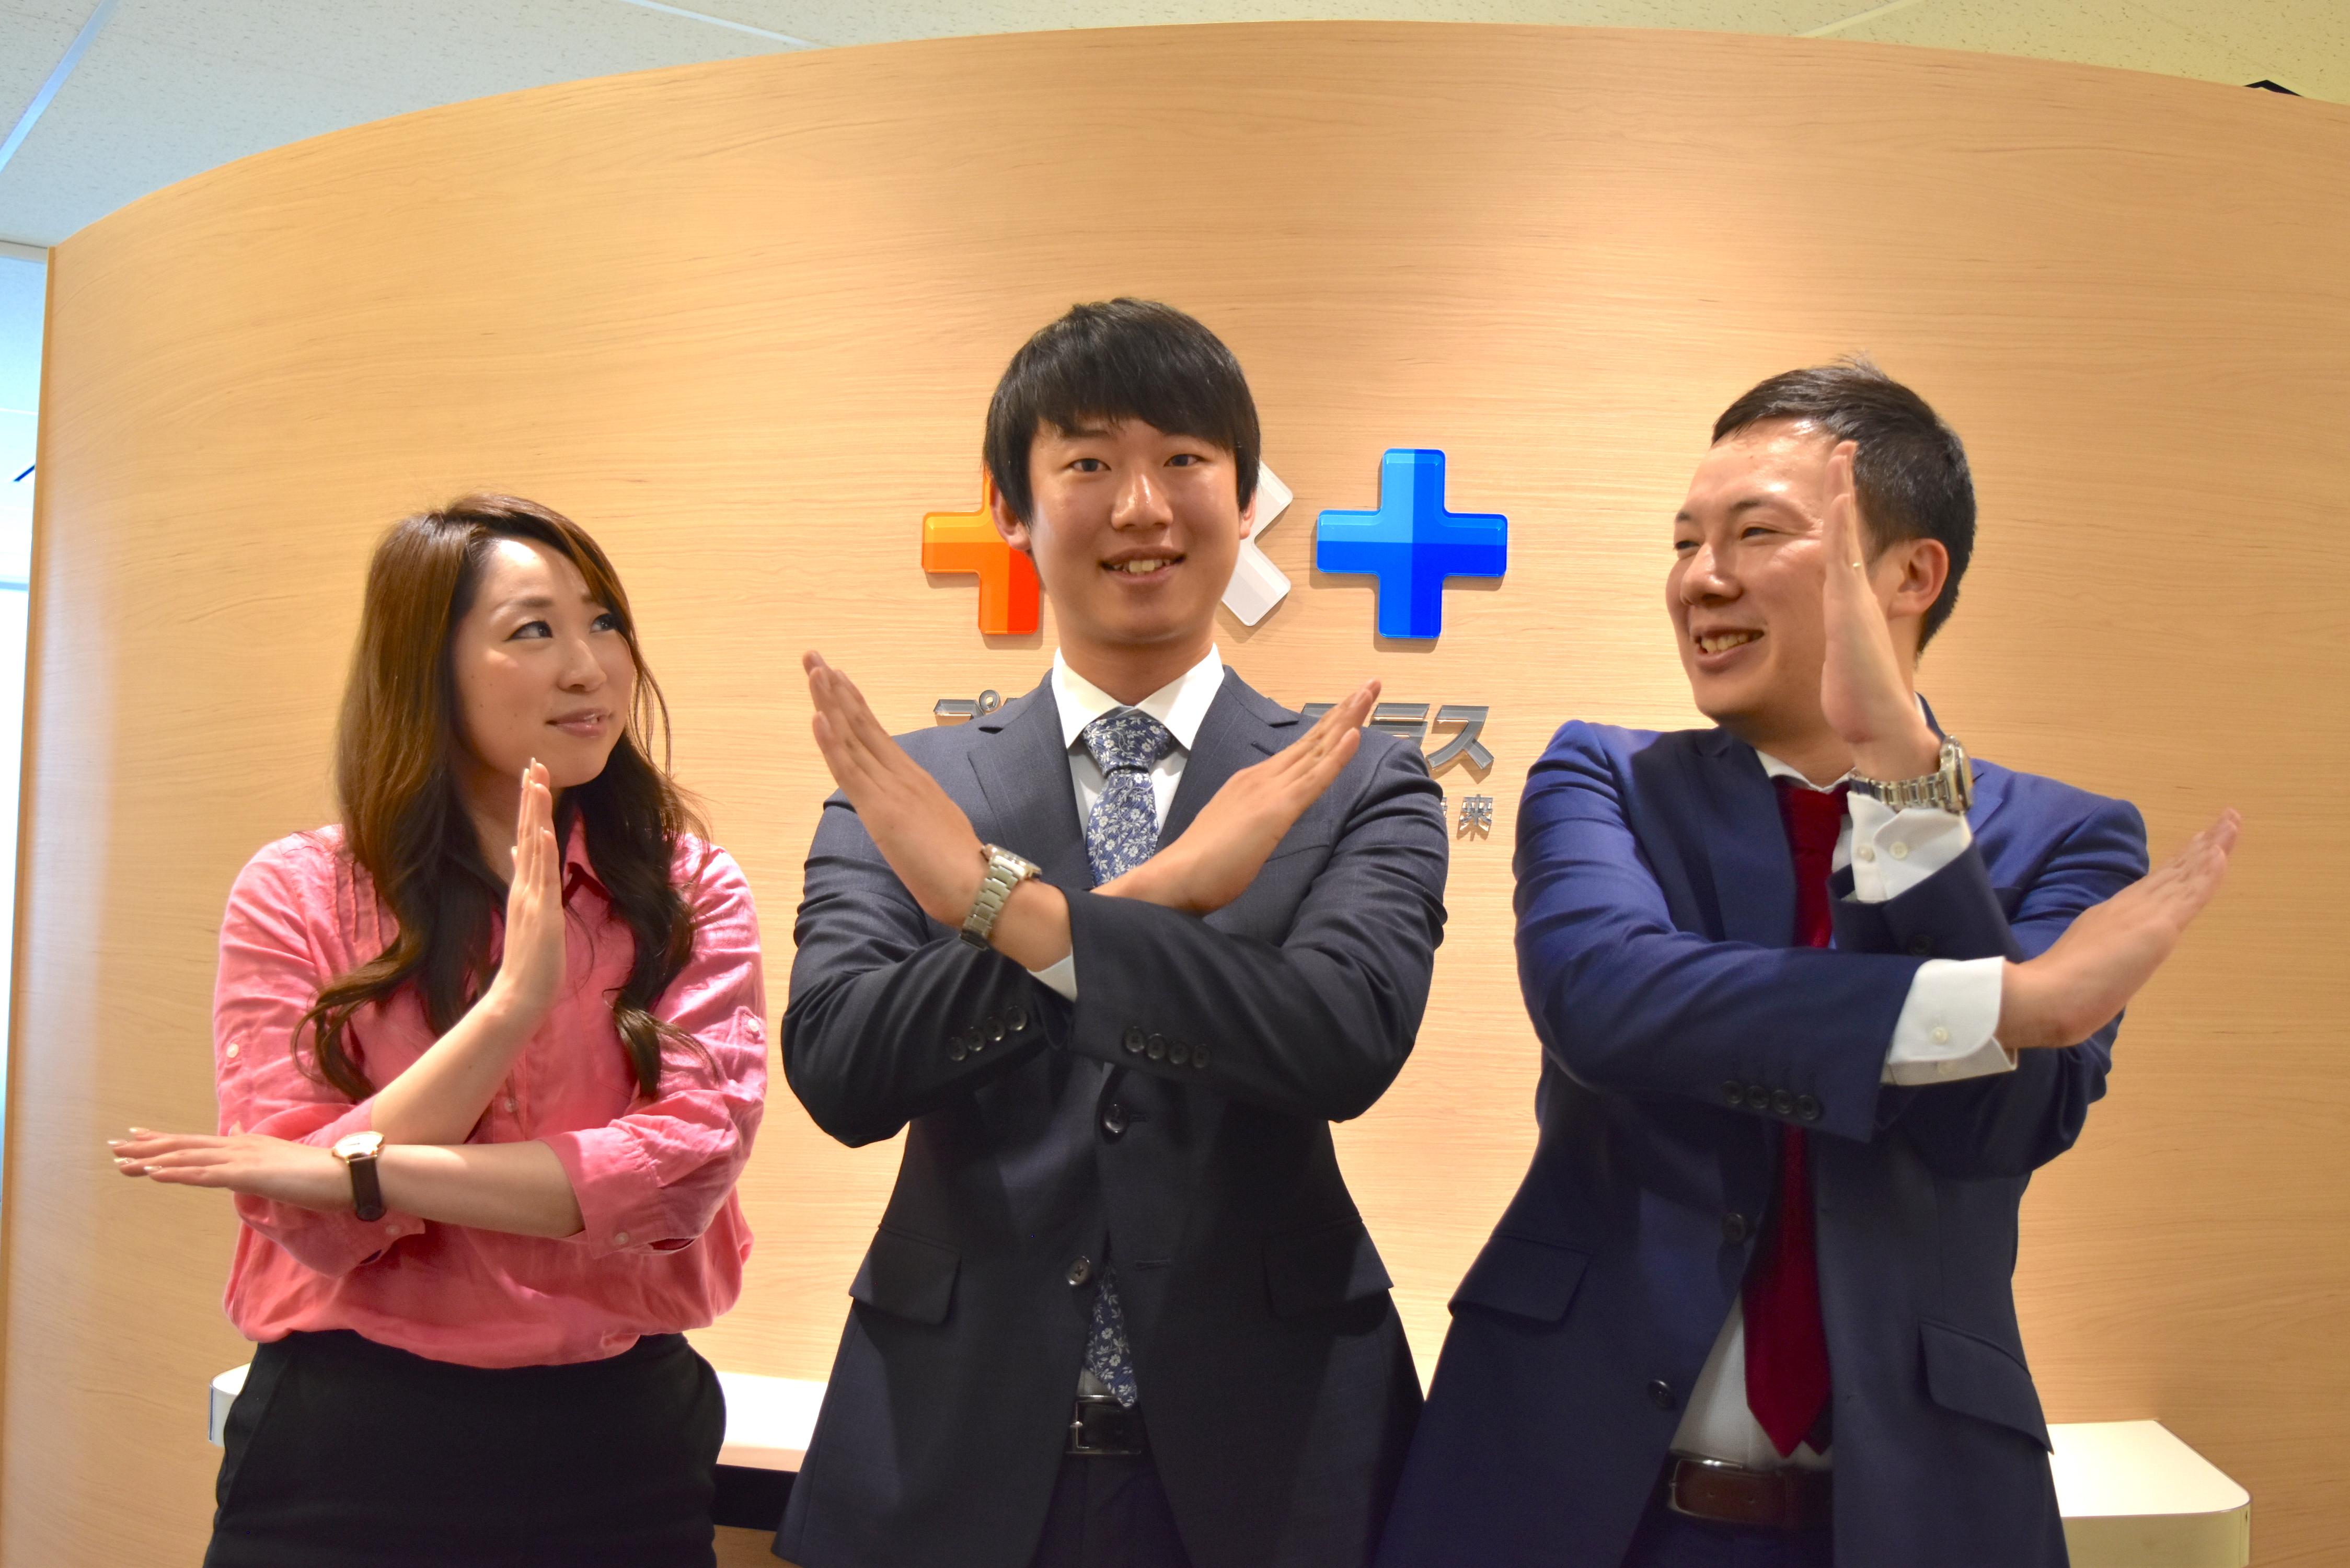 日本を支える人々を支える会社で働く留学生 【プラスバイプラス人事x内定者】